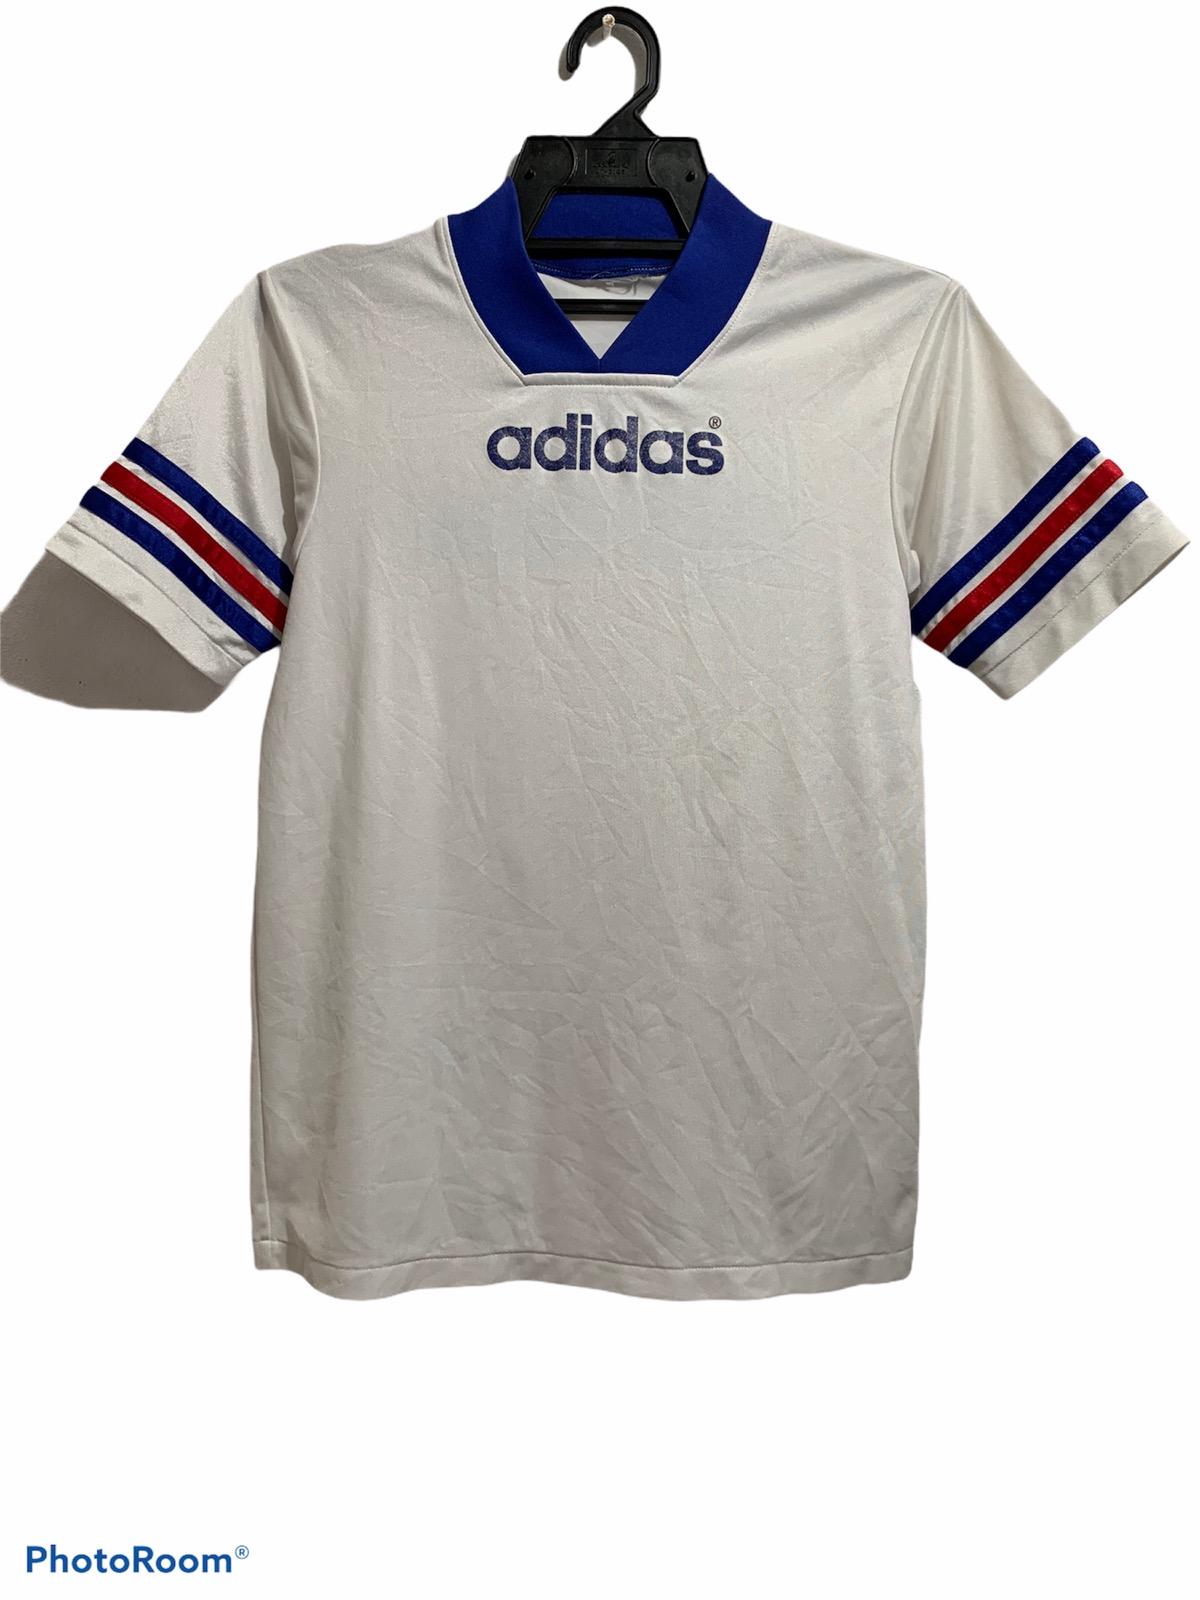 Adidas Vintage jersey adidas descente